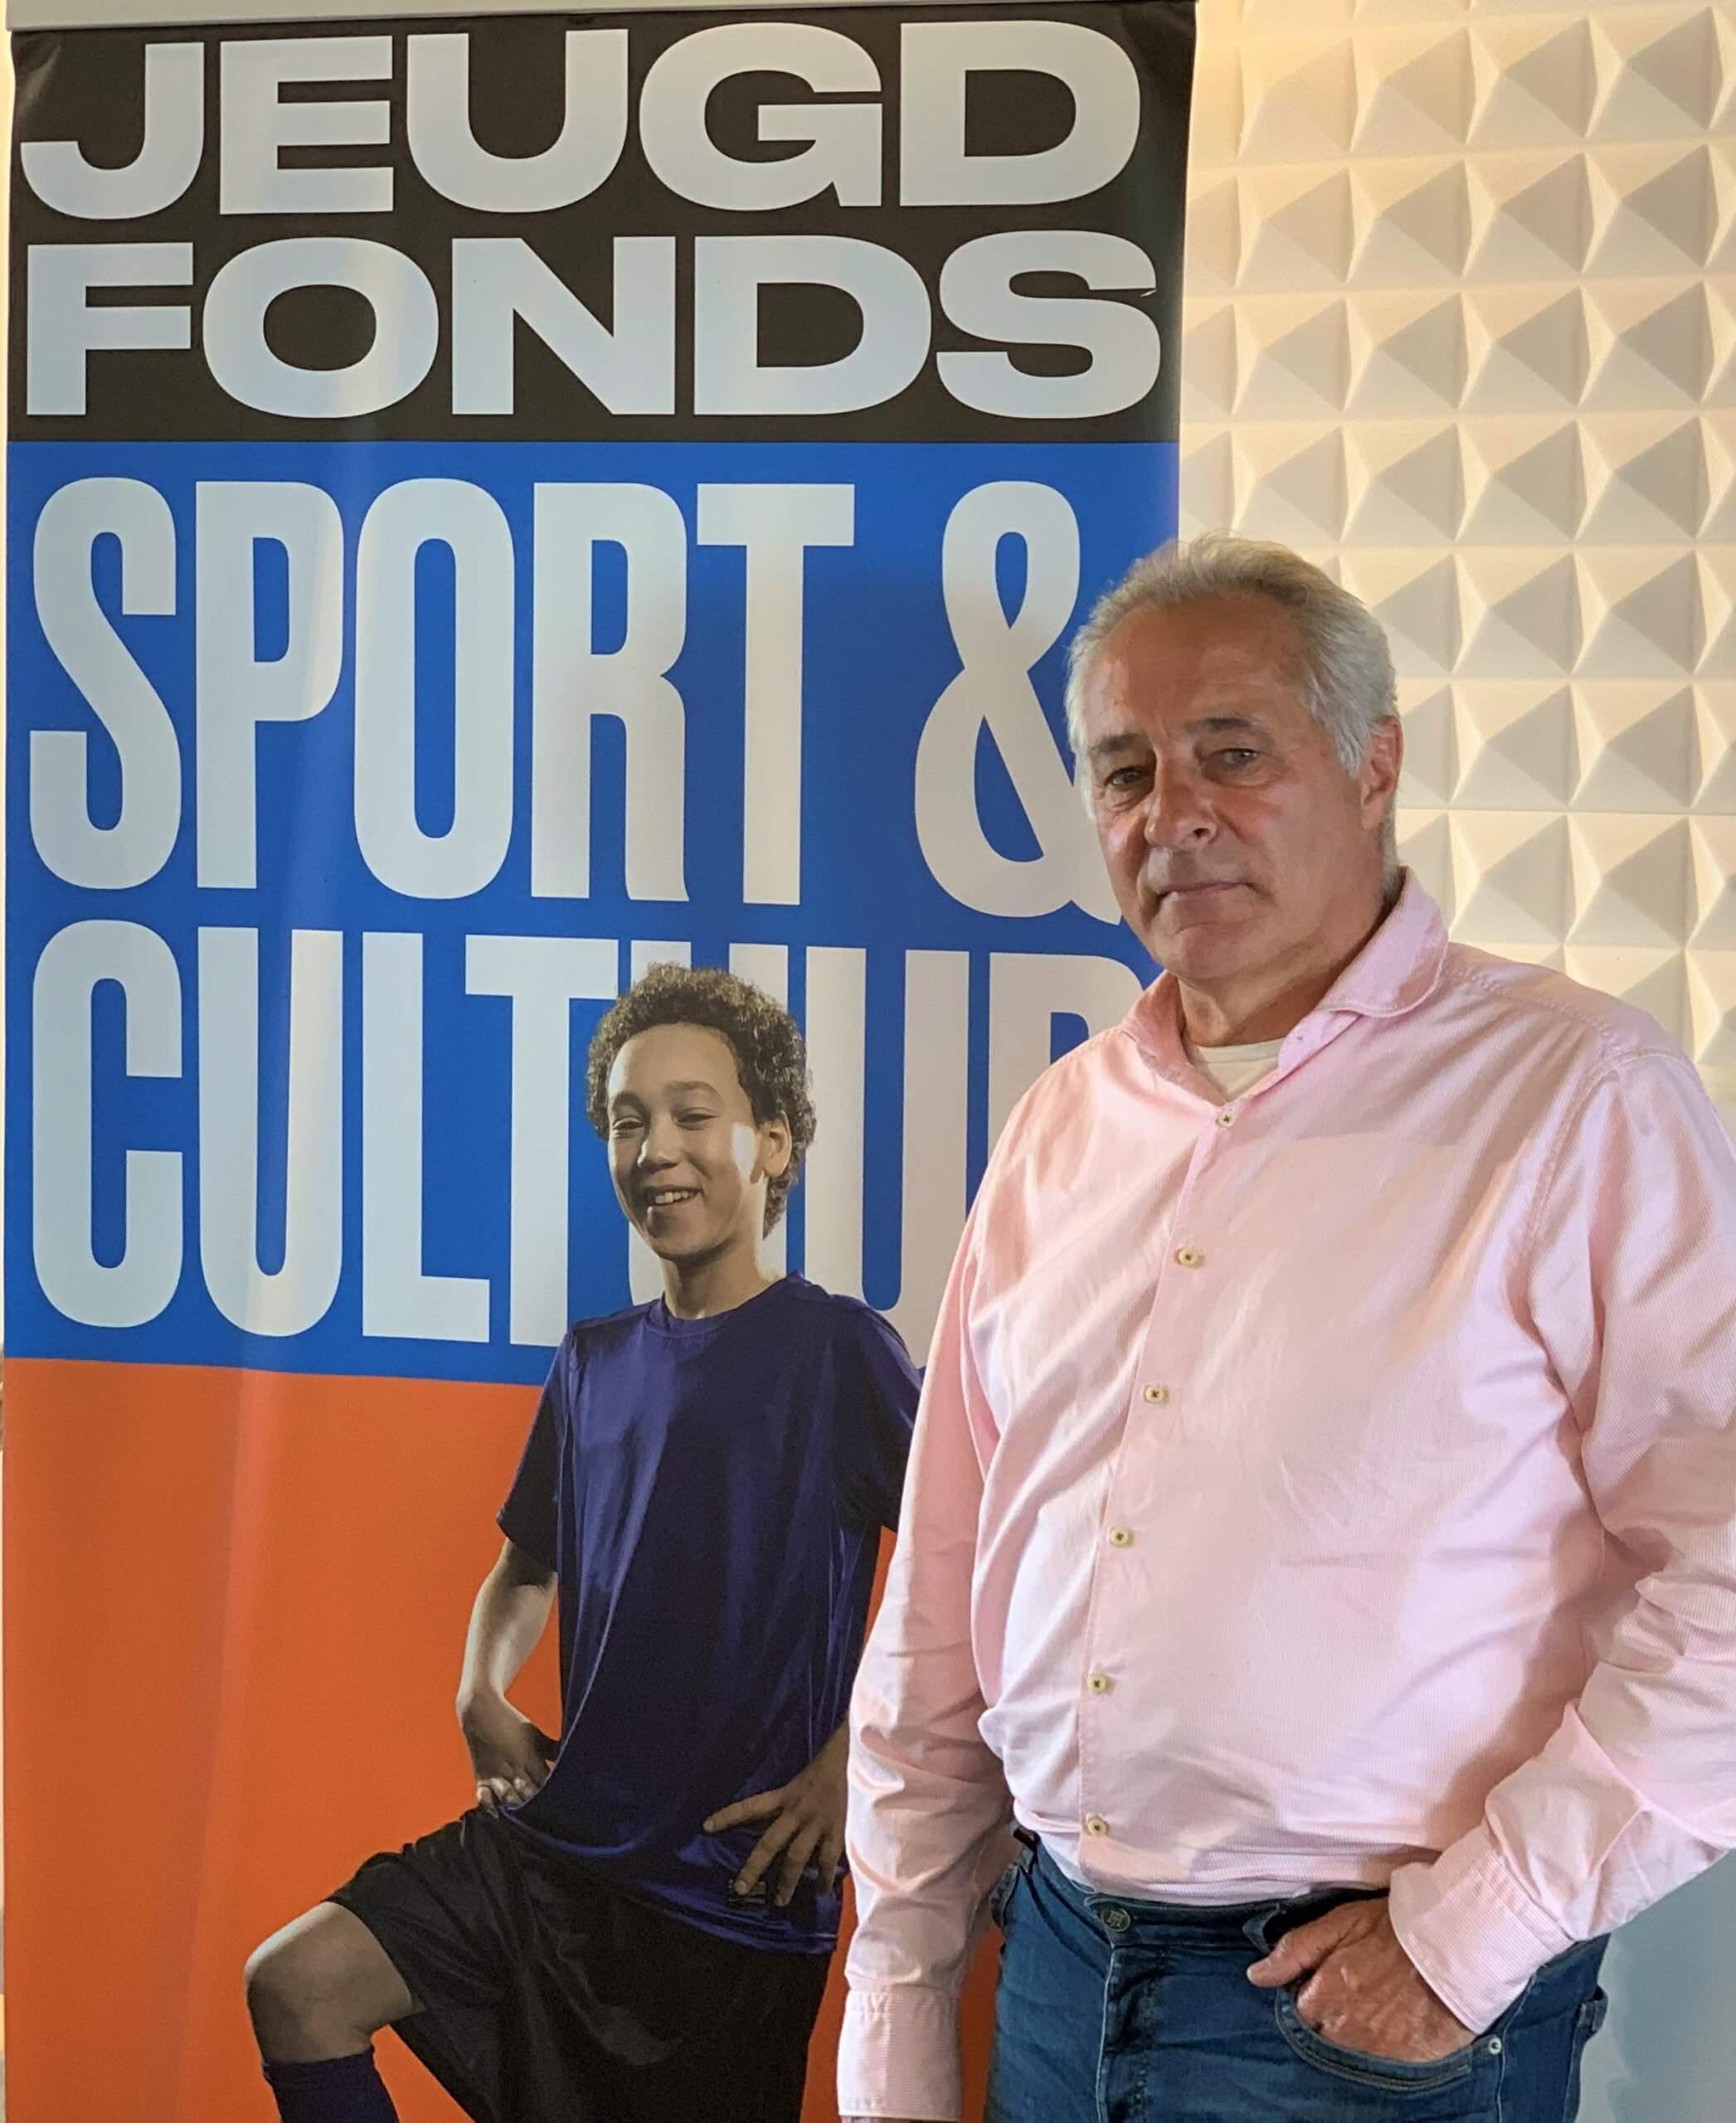 Tom van 't Hek nieuwe voorzitter van de Raad van Toezicht Jeugdfonds Sport & Cultuur